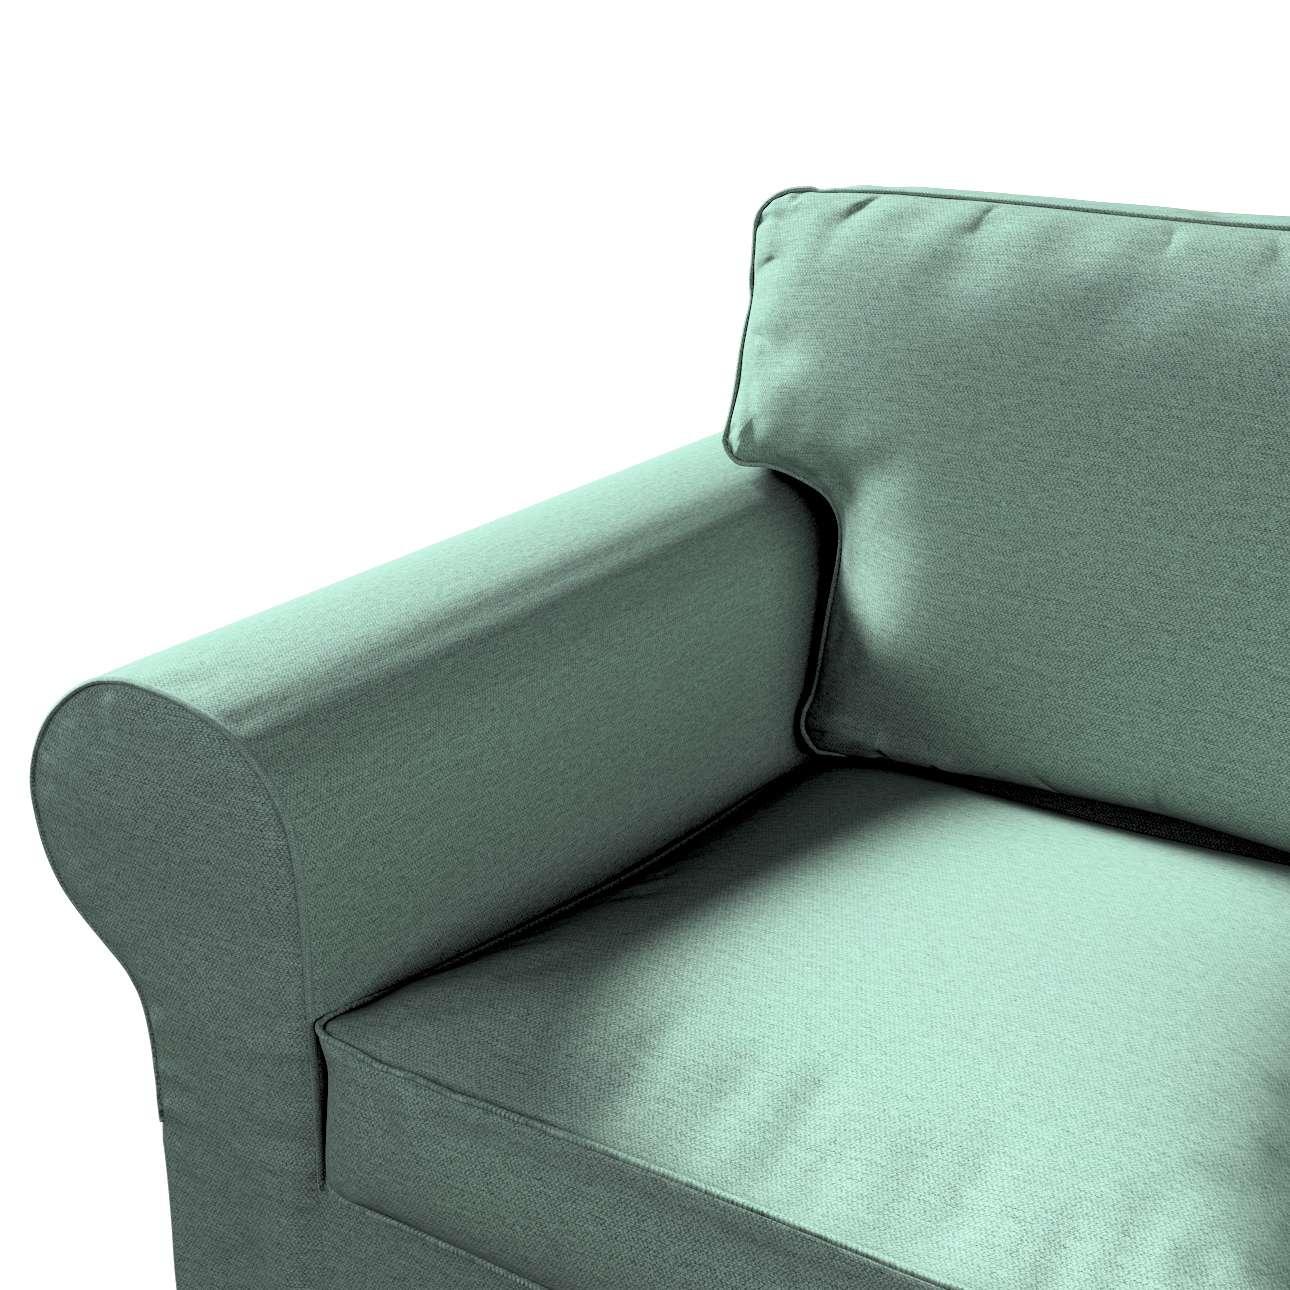 Bezug für Ektorp 2-Sitzer Schlafsofa ALTES Modell von der Kollektion Madrid, Stoff: 161-89